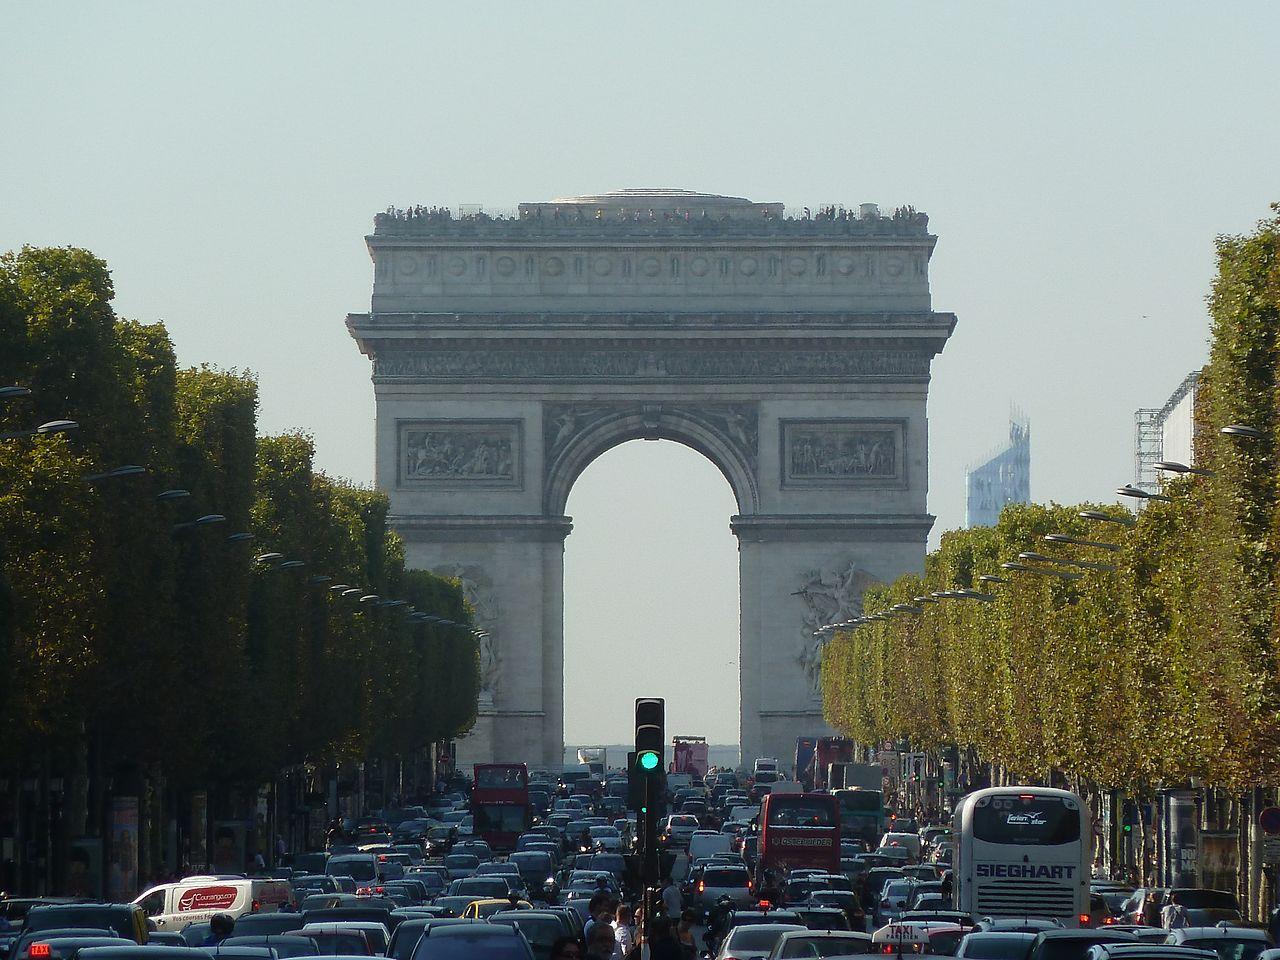 ถนนฌ็องเซลิเซ่ -มุ่งตรงสู่ประตูชัย